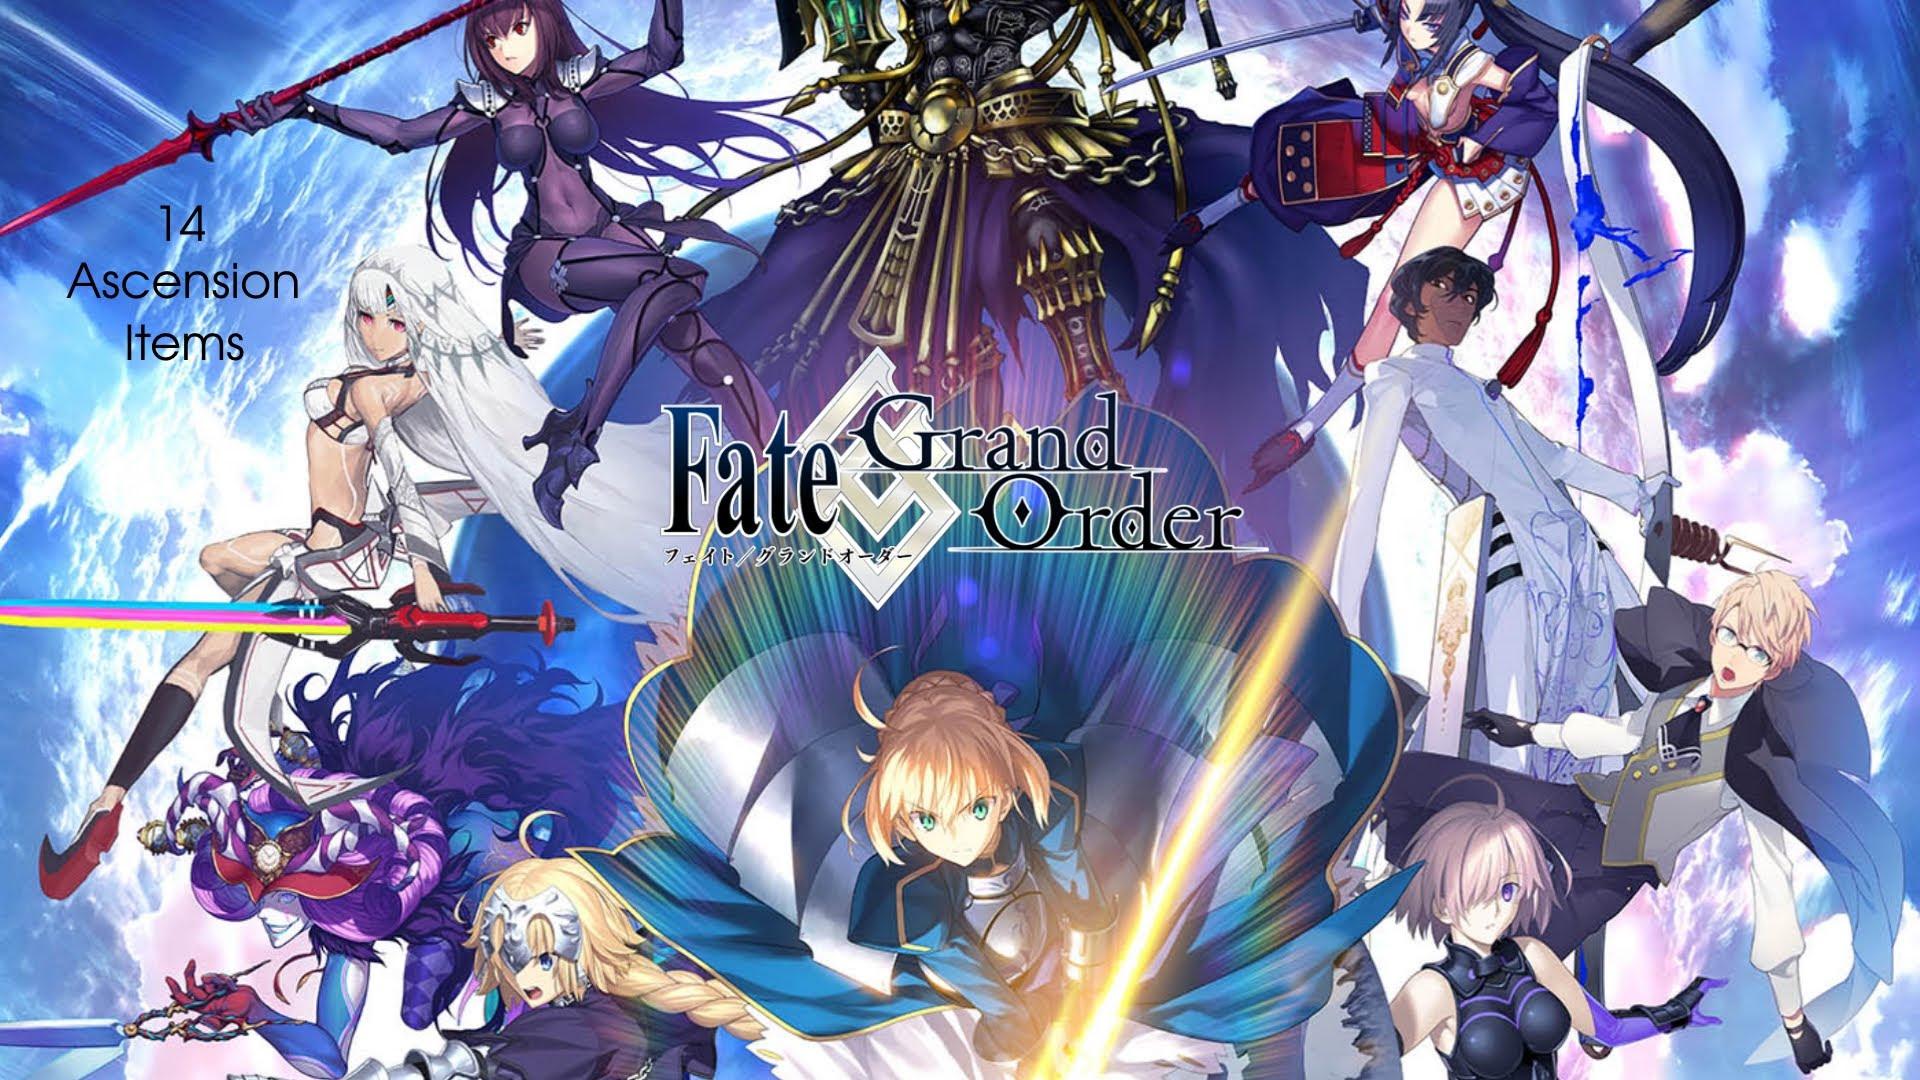 Fate Grand Orderの画像 原寸画像検索